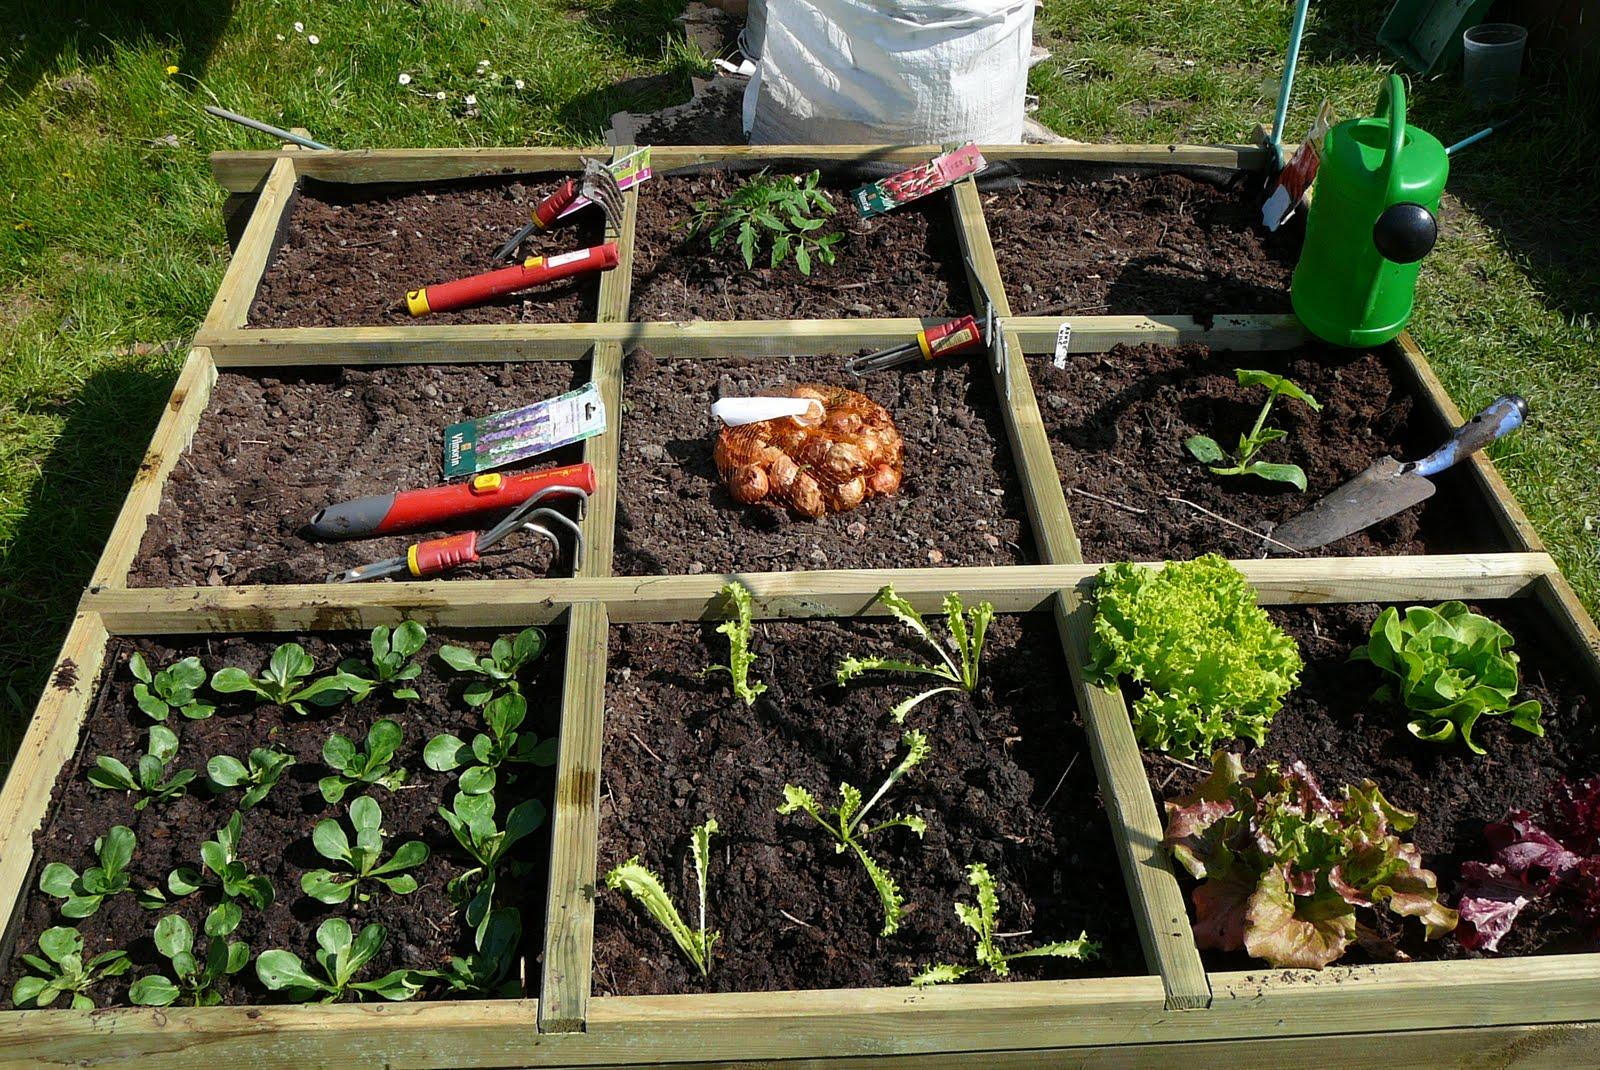 Les jardins du laveu un nouveau bac rejoint le jardin for Jardin en bac